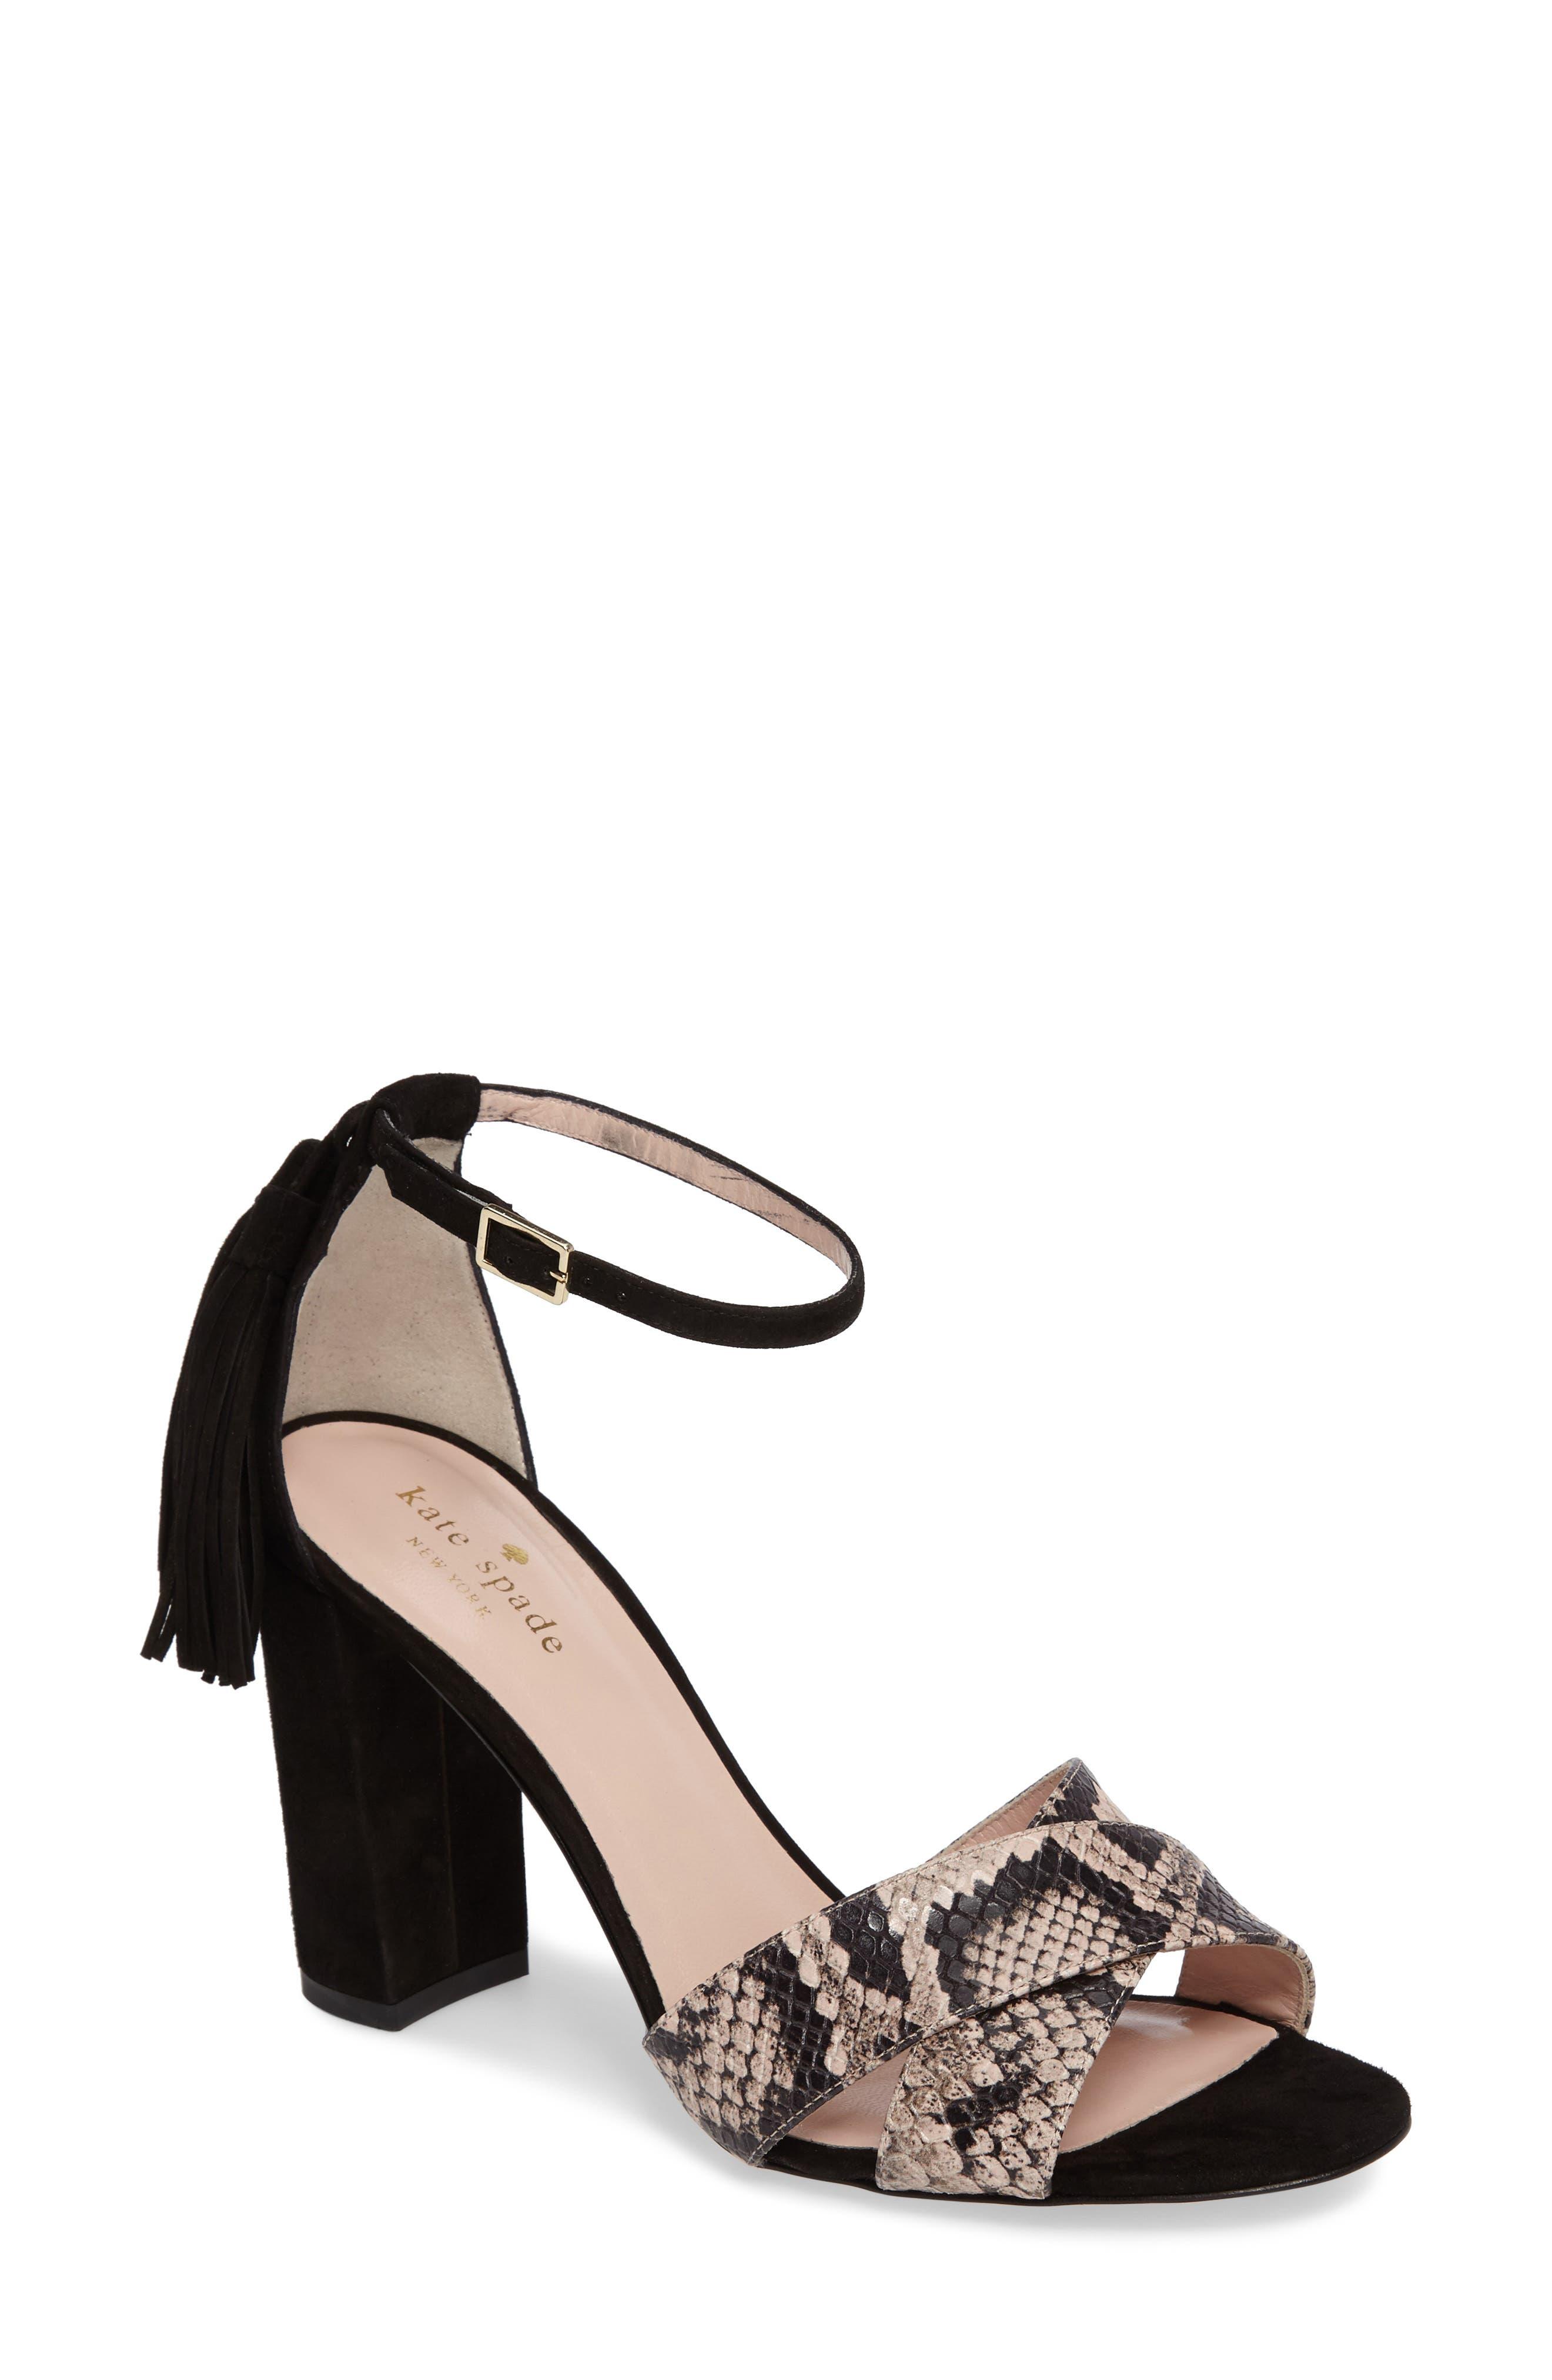 Main Image - kate spade new york idanna sandal (Women)